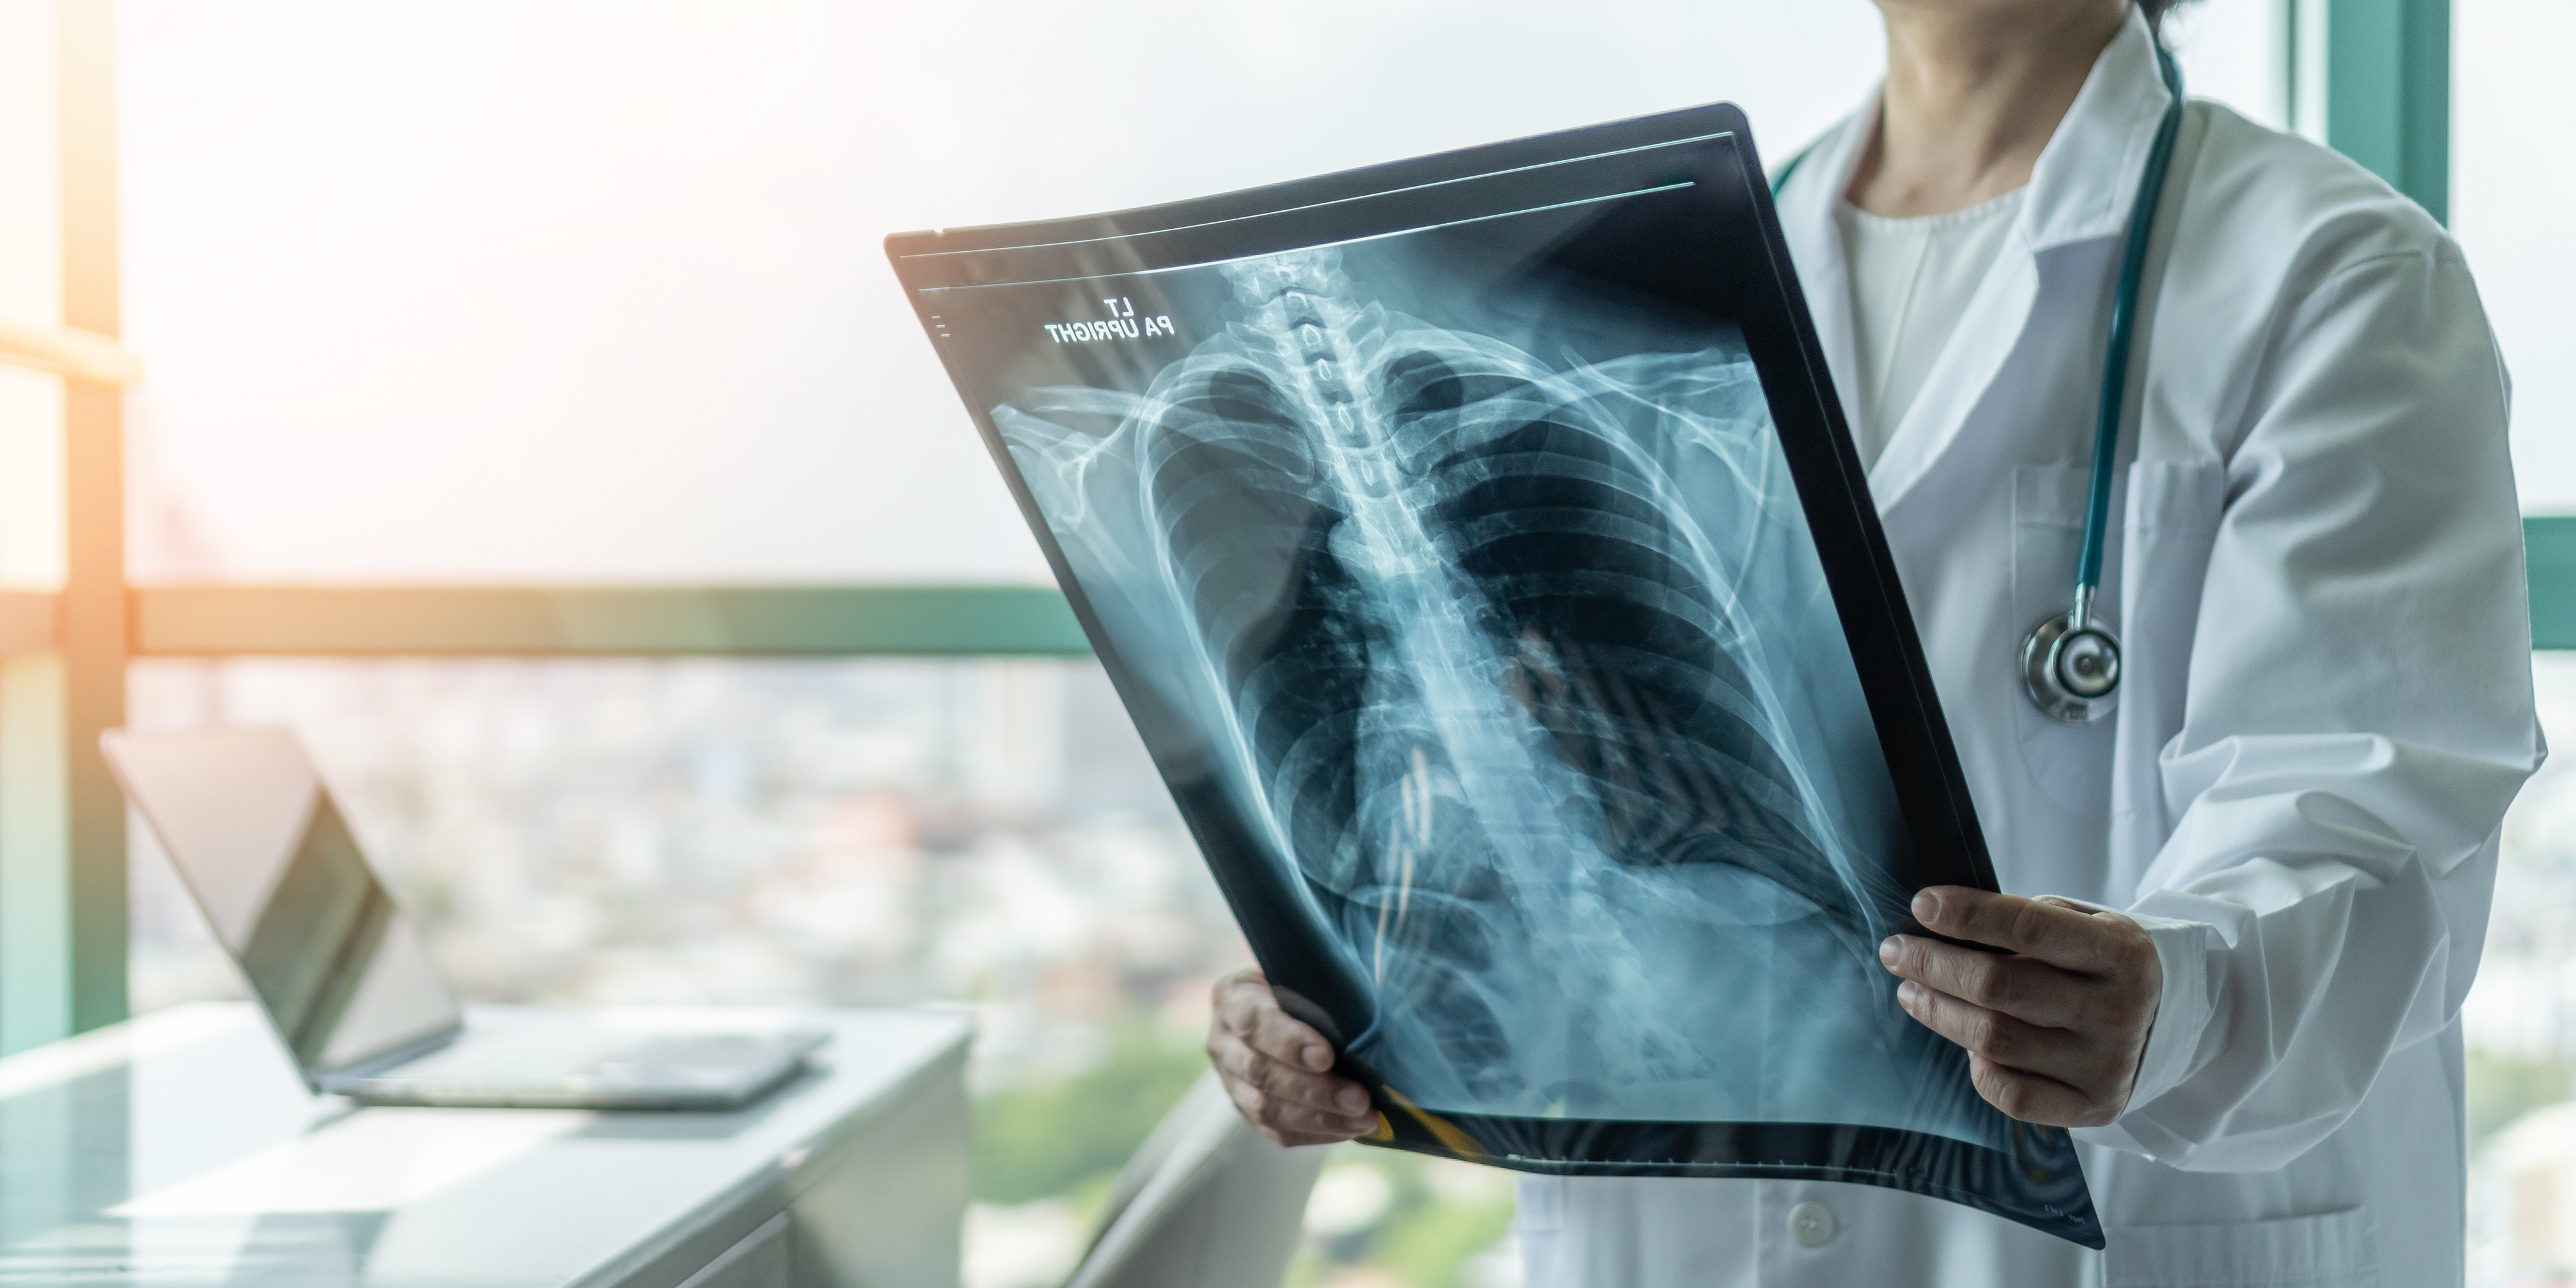 Plămânul, organul cheie în infecția cu SARS COV-2. Traseul virusului la nivel pulmonar, explicat de medicul pneumolog